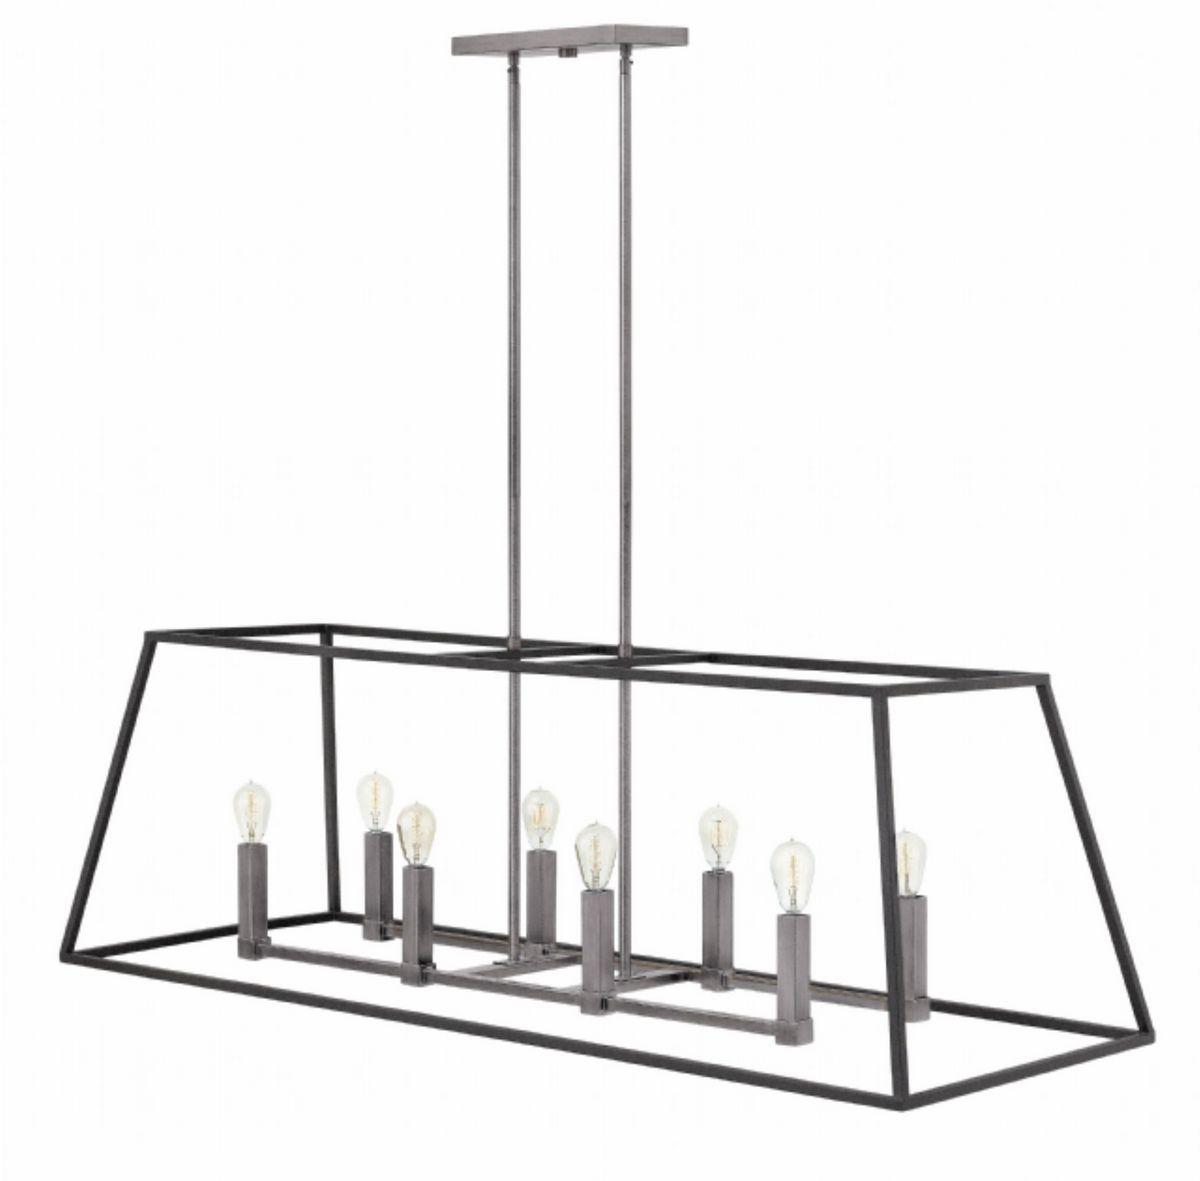 Hinkley Fulton 8 Light Hung Linear Pendant Light In Aged